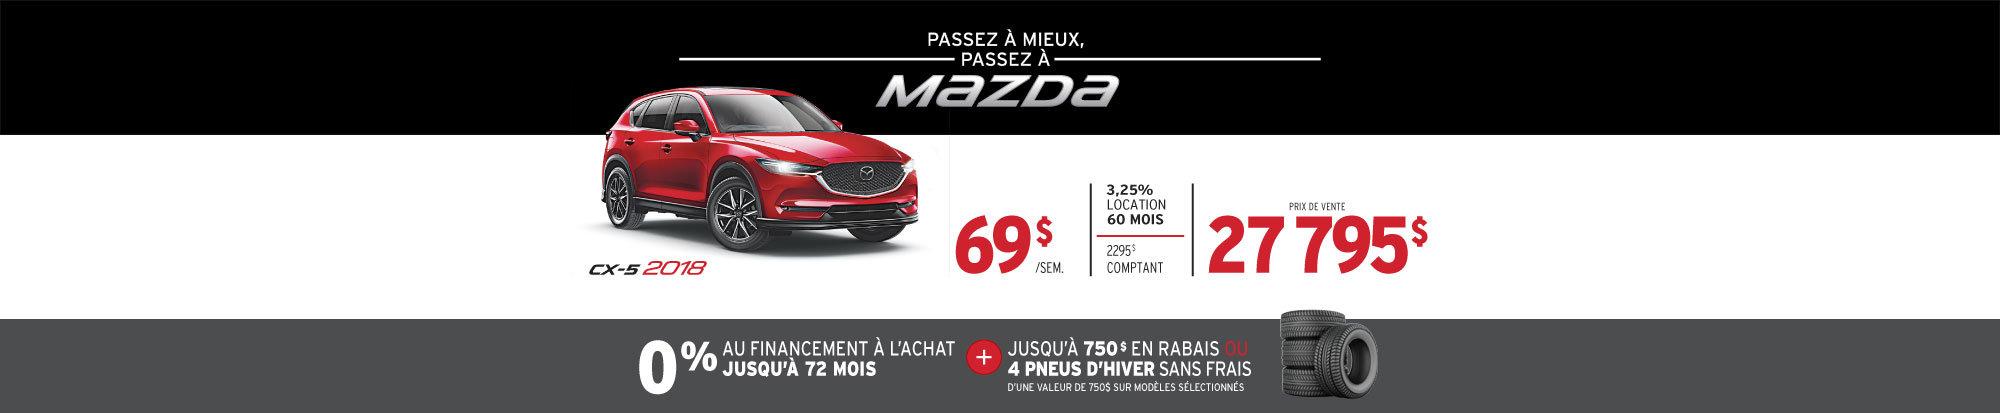 PASSEZ À MIEUX – PASSEZ AU GROUPE BEAUCAGE MAZDA avec le MAZDA CX-5 2018 web